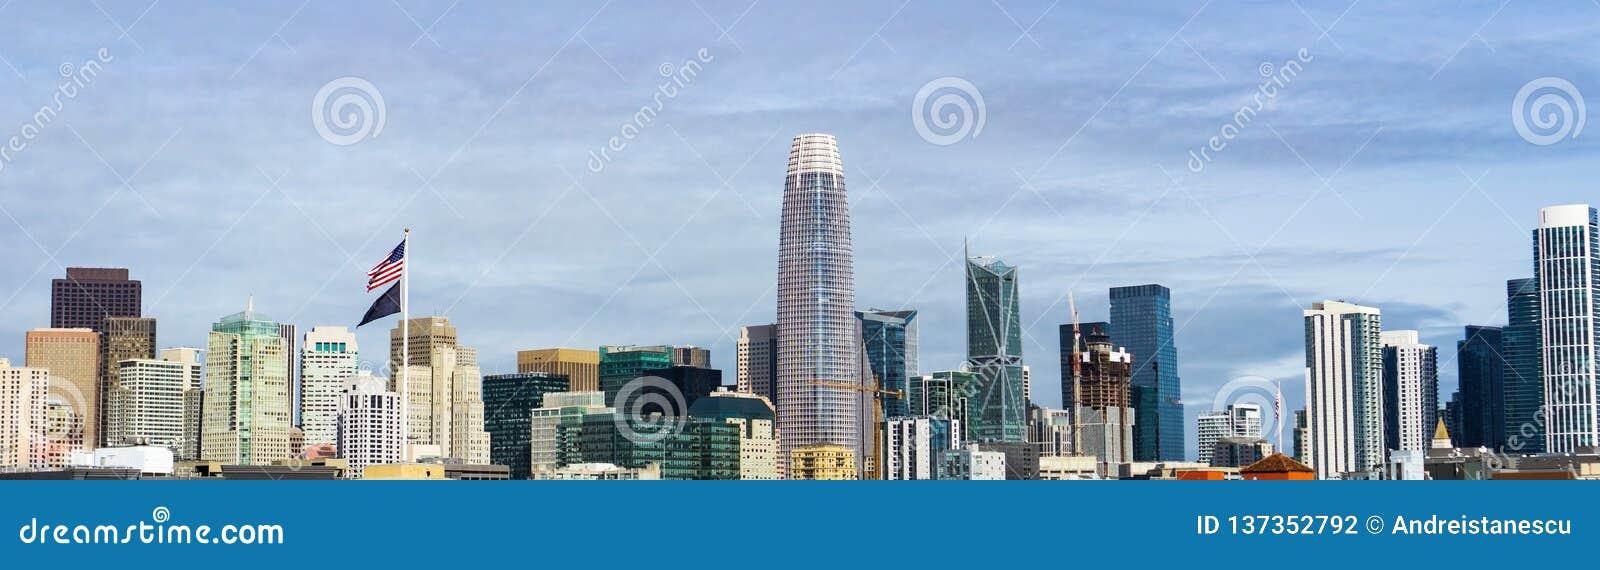 Στο κέντρο της πόλης ορίζοντας του Σαν Φρανσίσκο με τα παλαιά κτήρια στη αριστερή πλευρά, εναντίον νέων στη δεξιά πλευρά